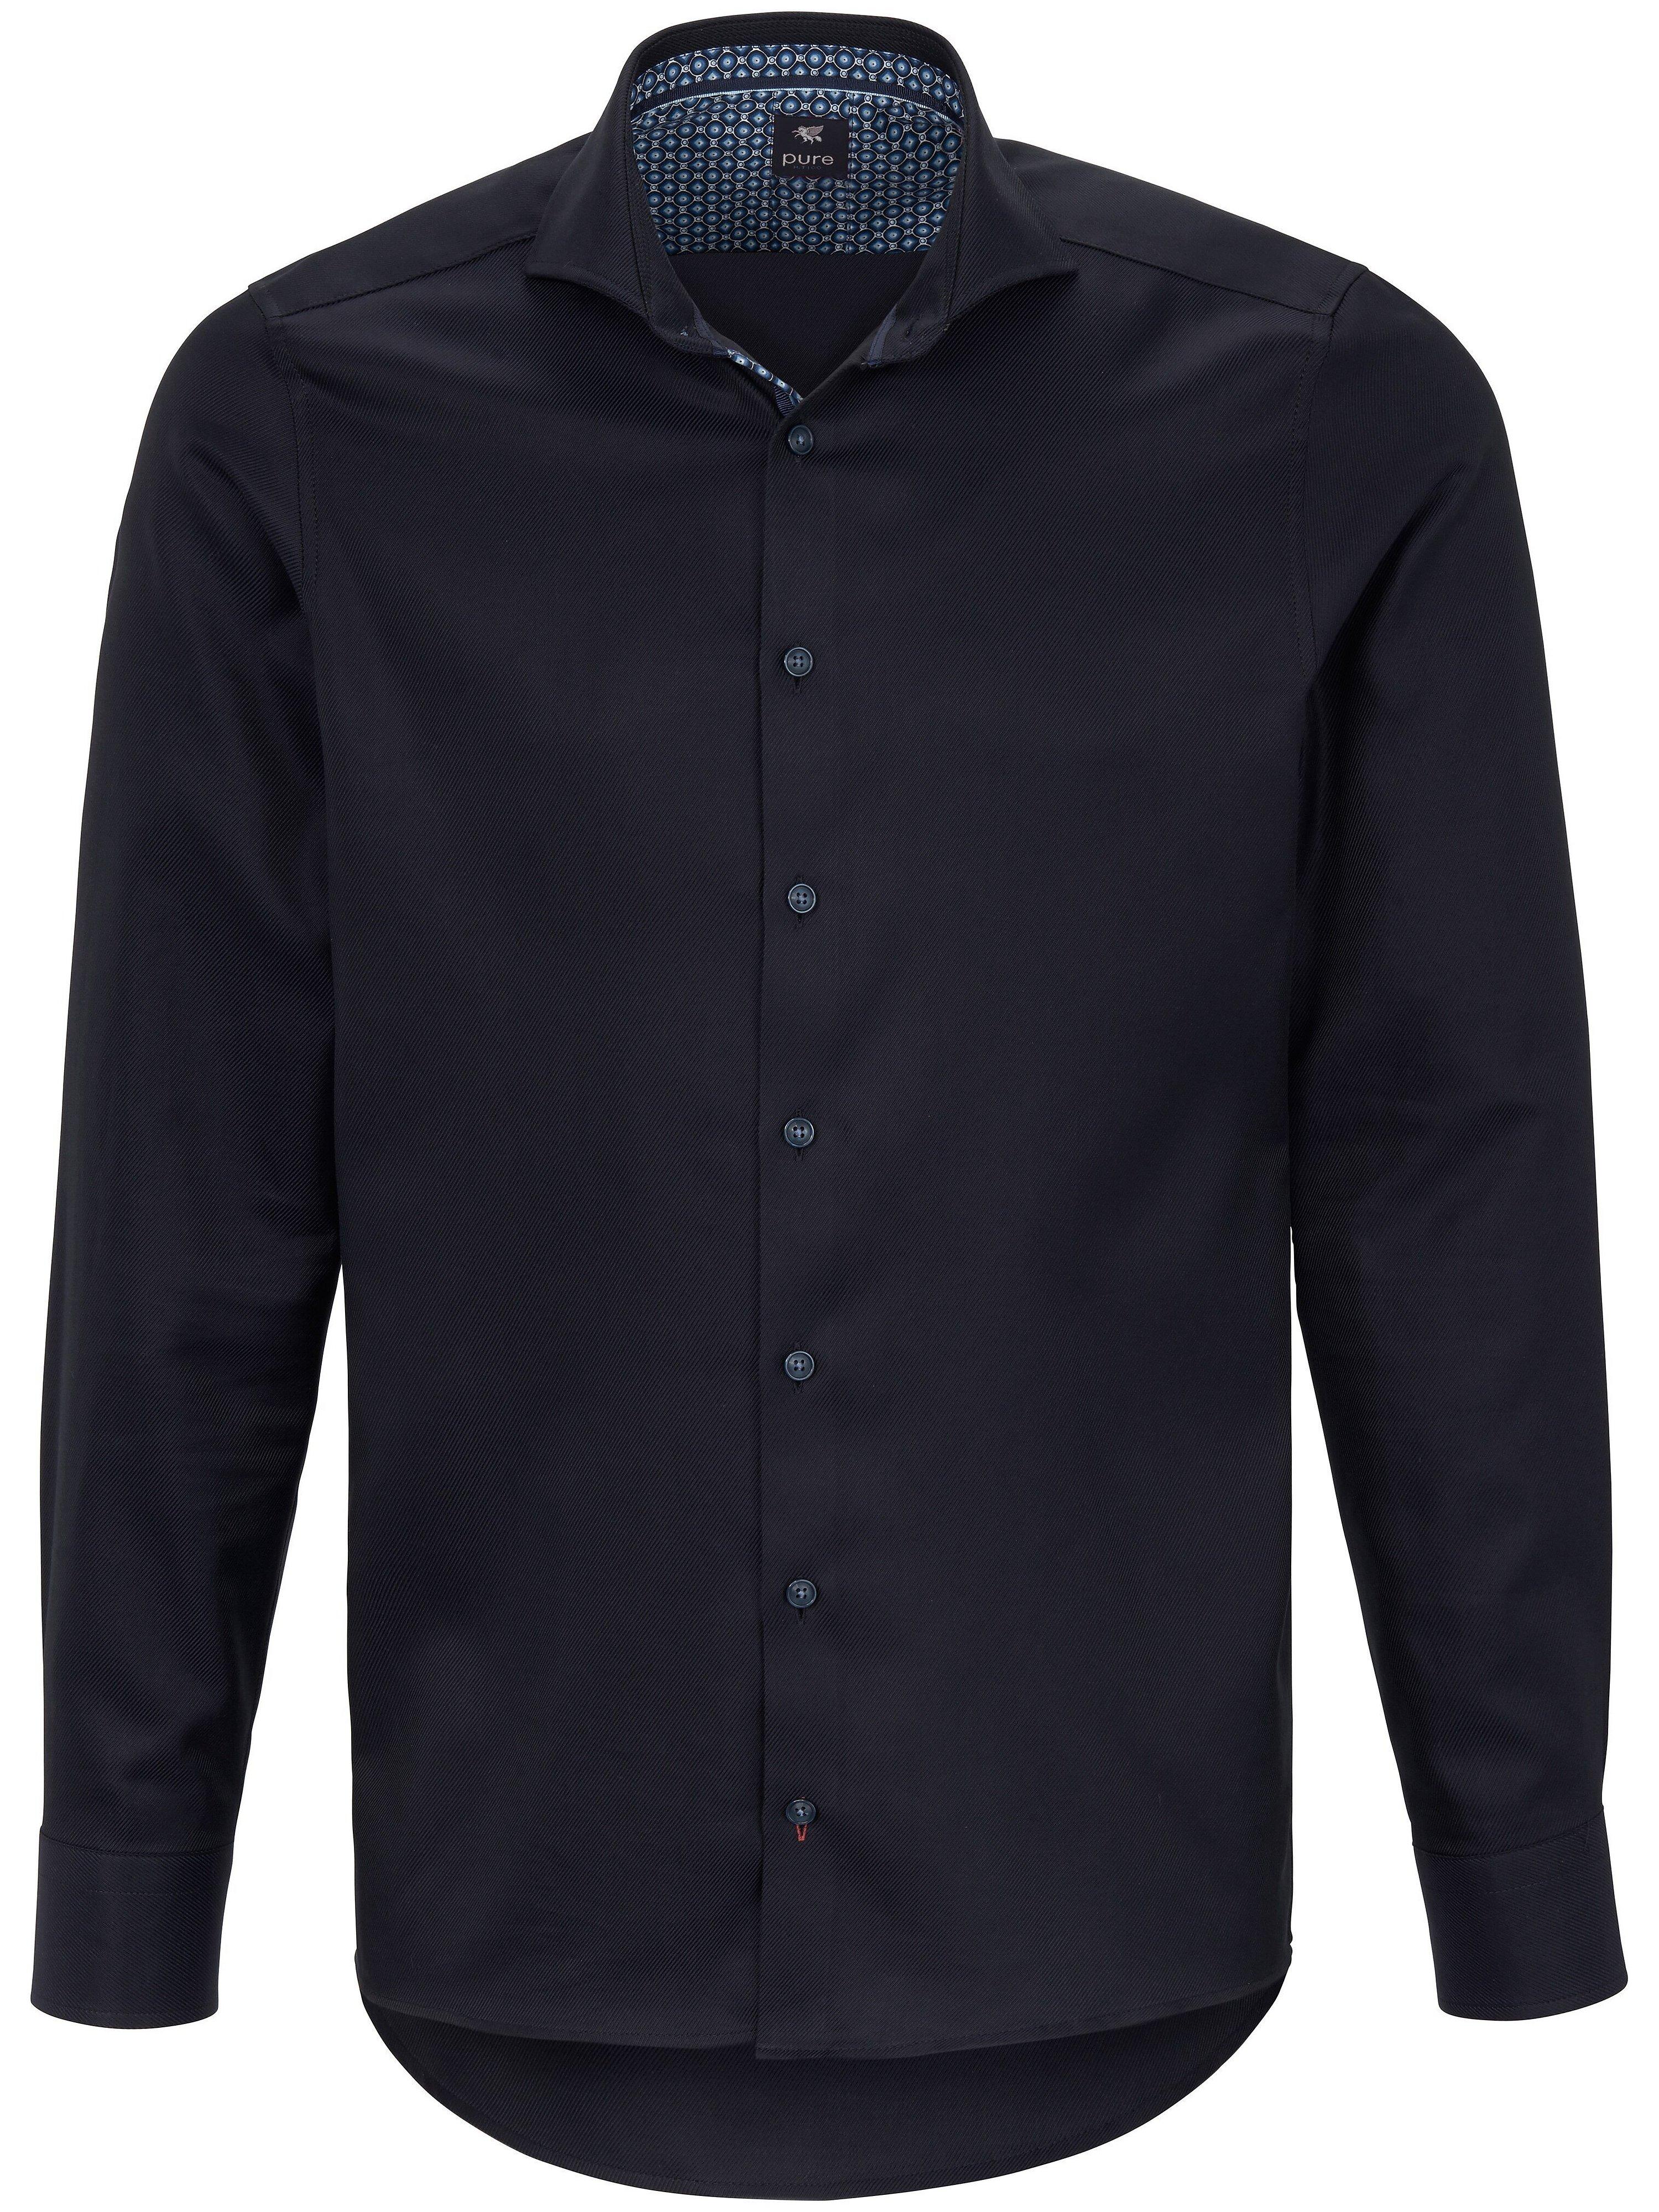 La chemise 100% coton  Pure bleu